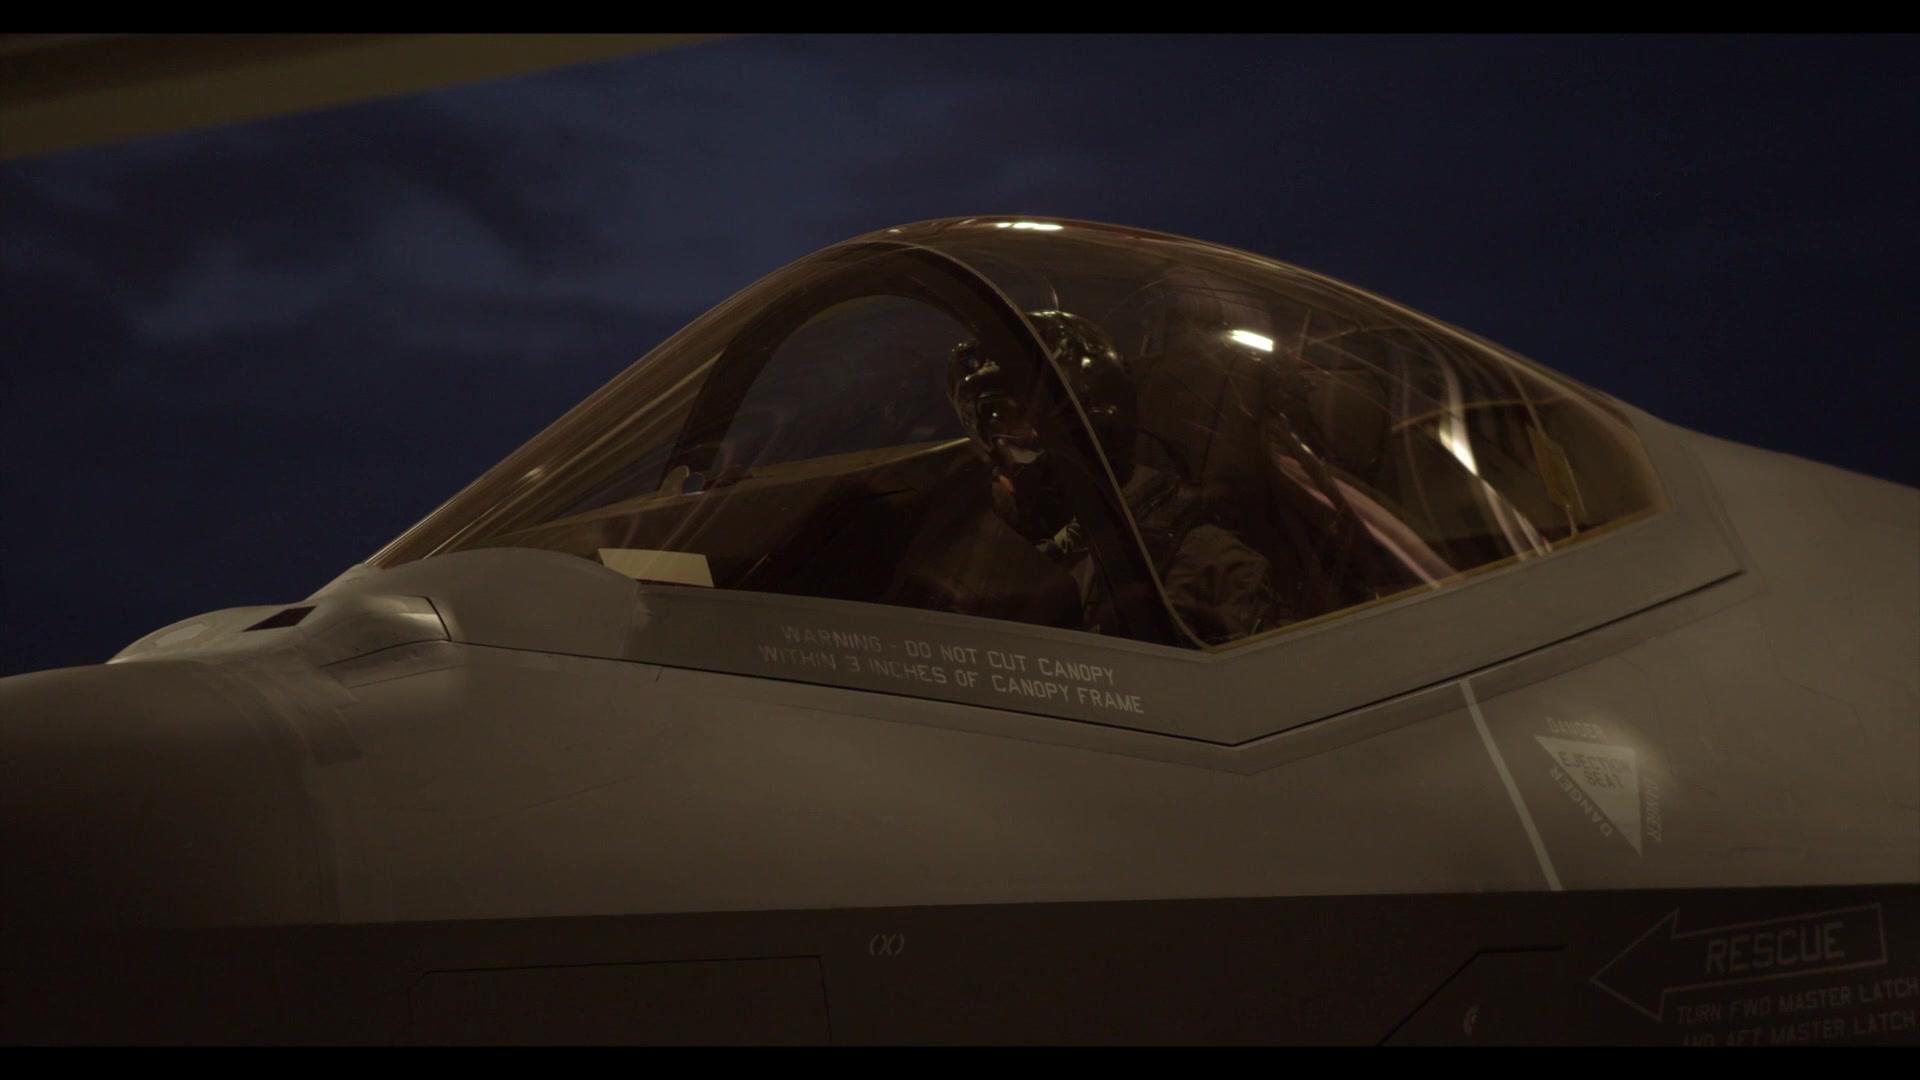 158th FW F-35A Lightning II b-roll footage.